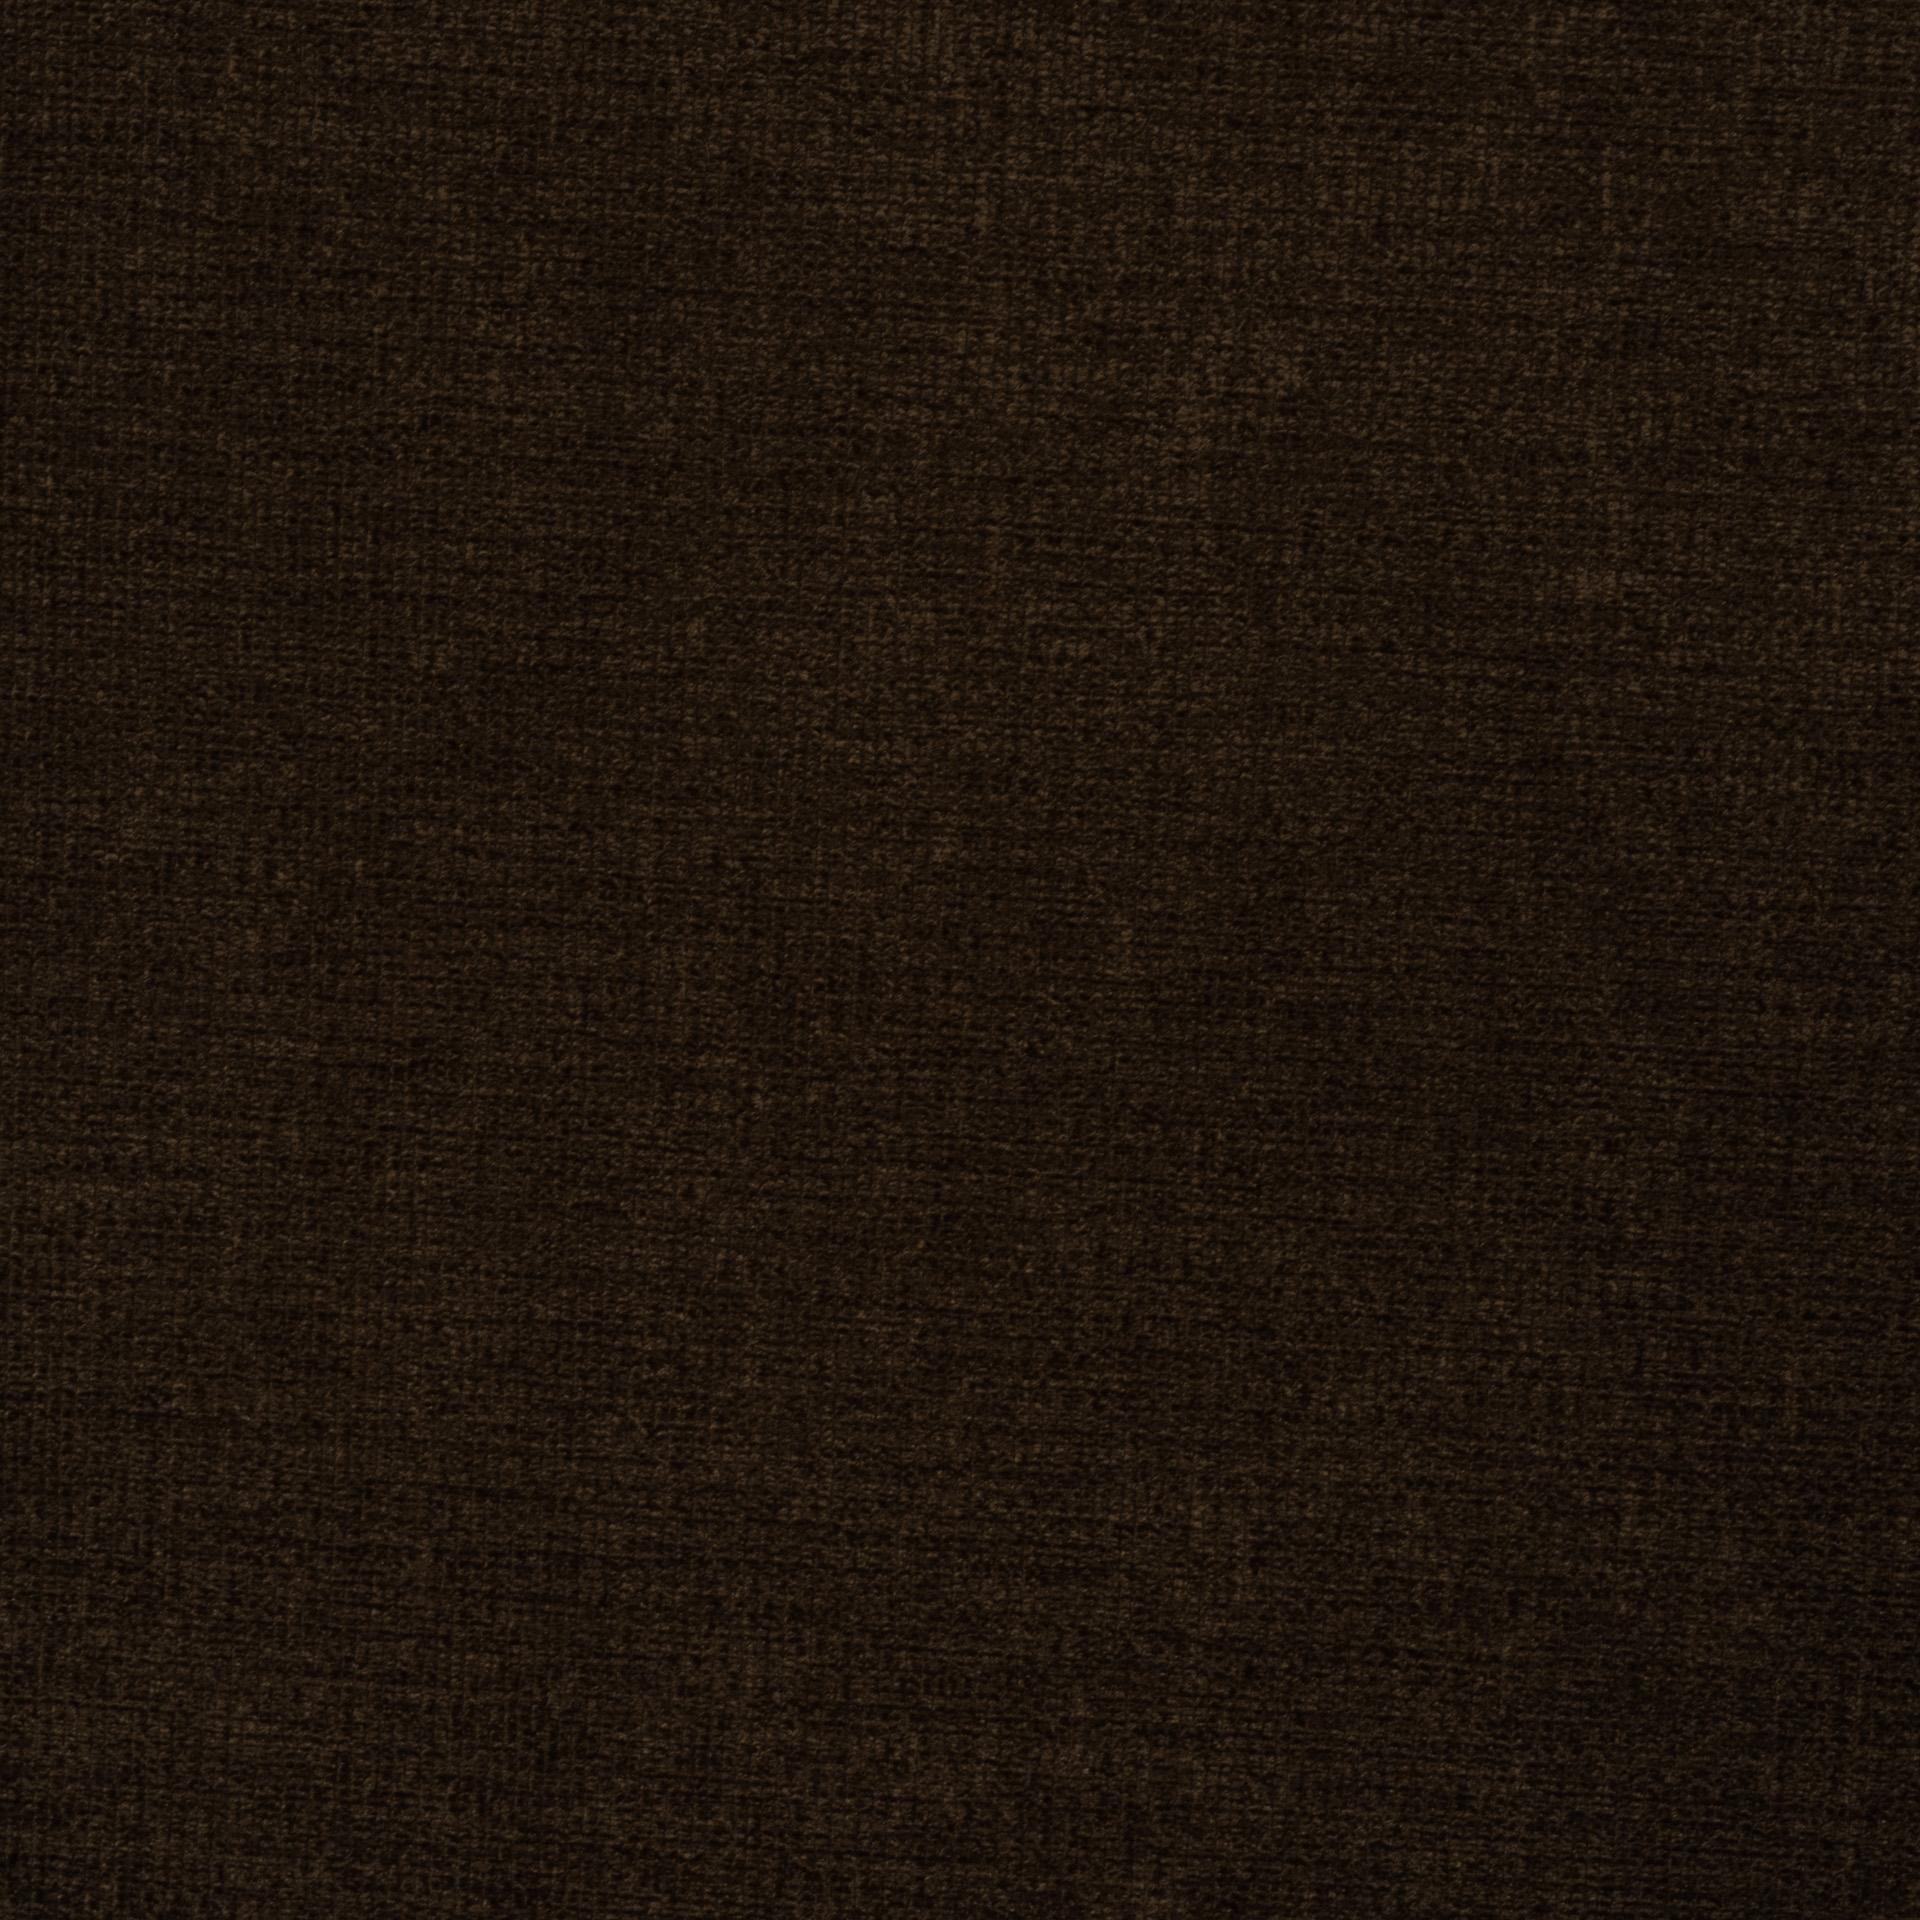 Коллекция ткани Кордрой 472,  купить ткань Велюр для мебели Украина